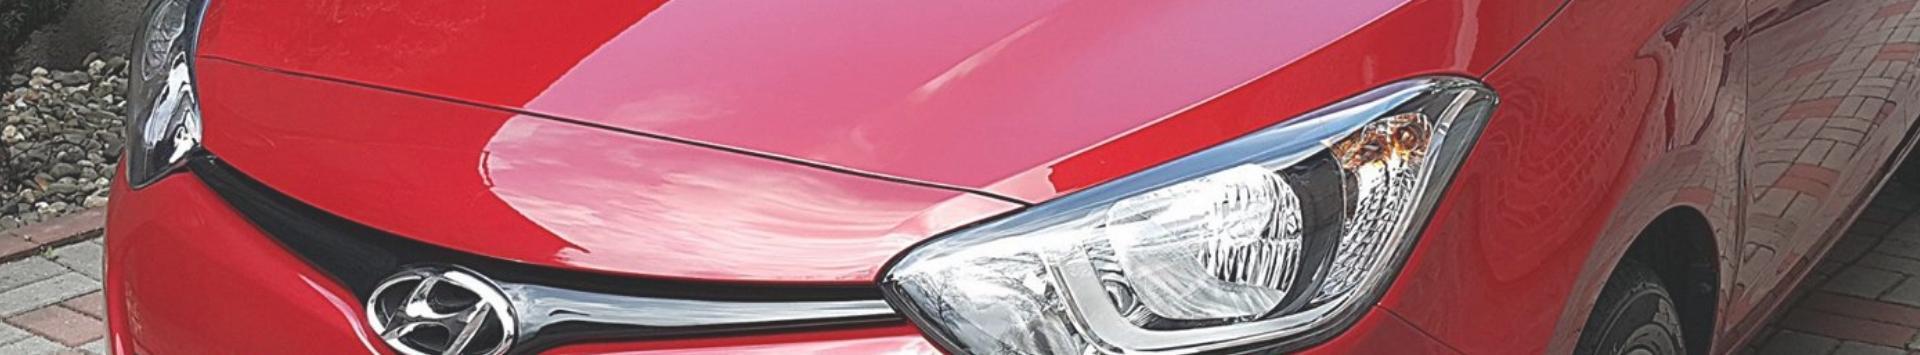 czerwony przód samochodu banner